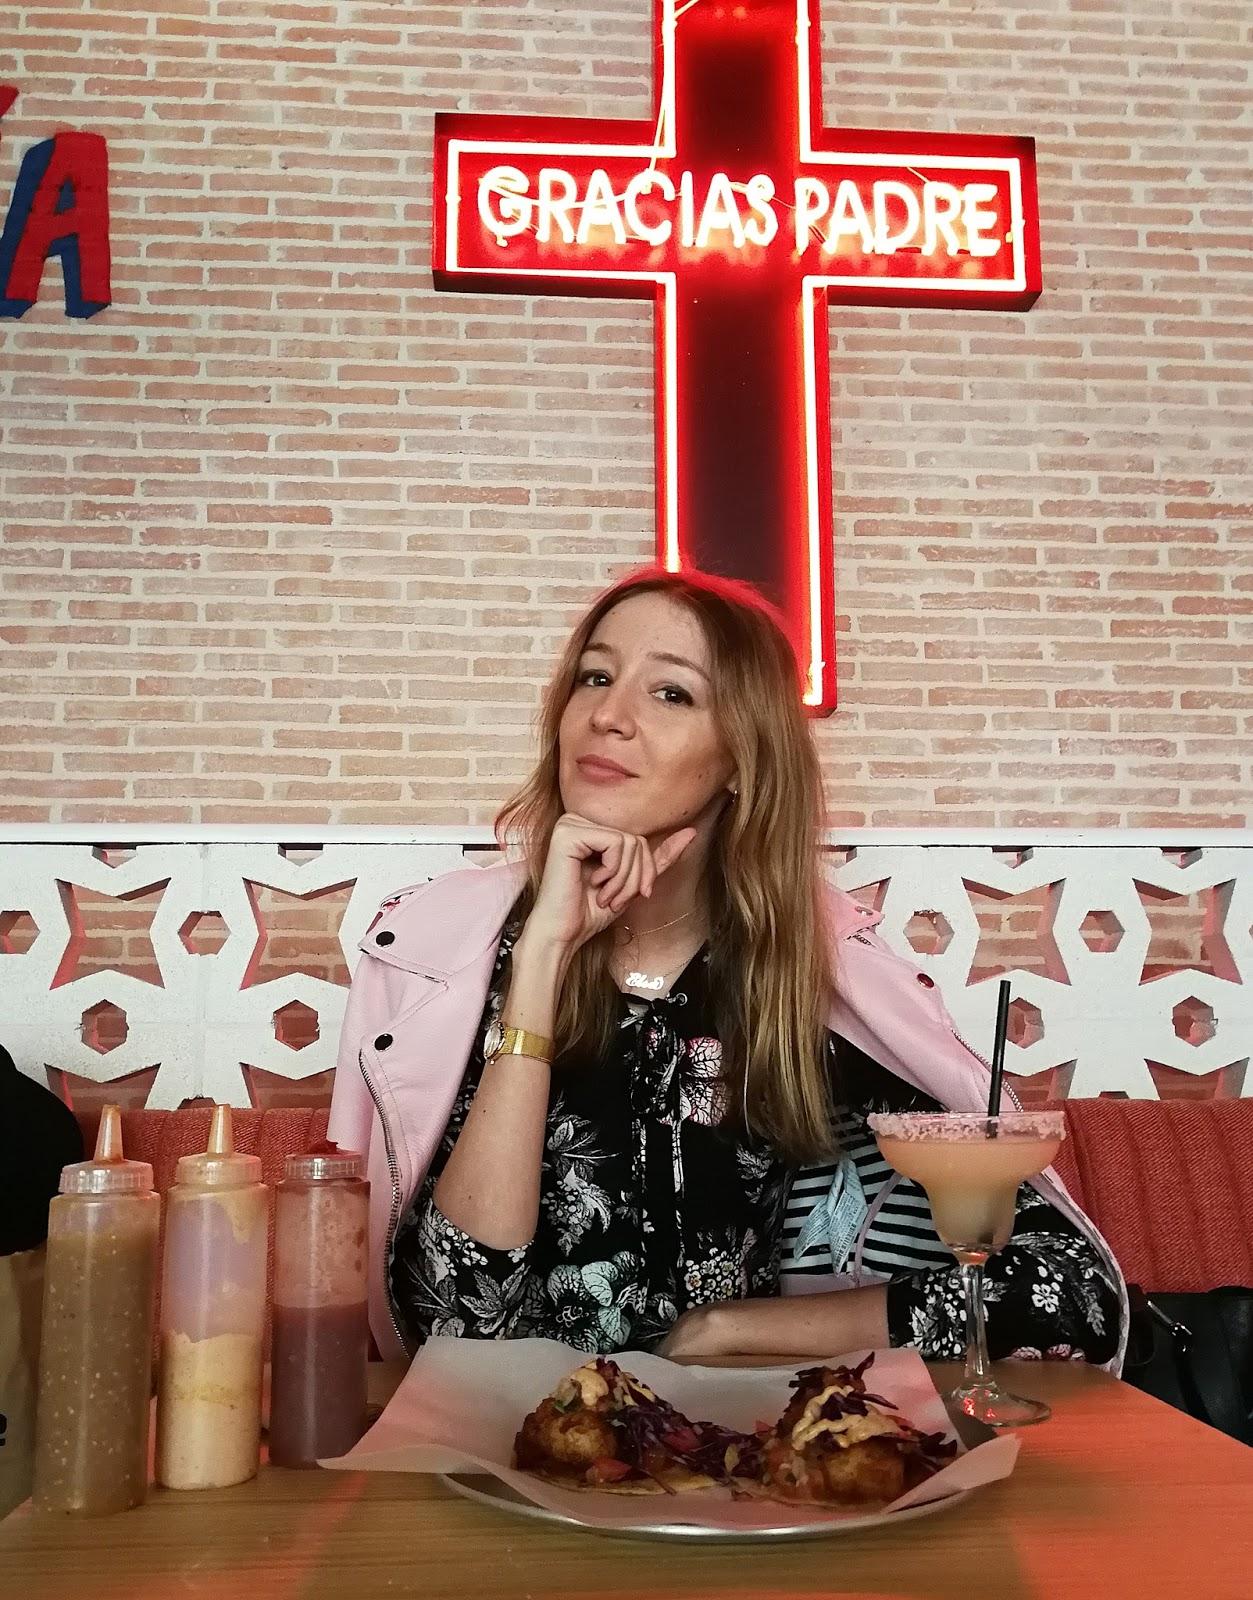 gracias_padre_restaurante_madrid_mexicano